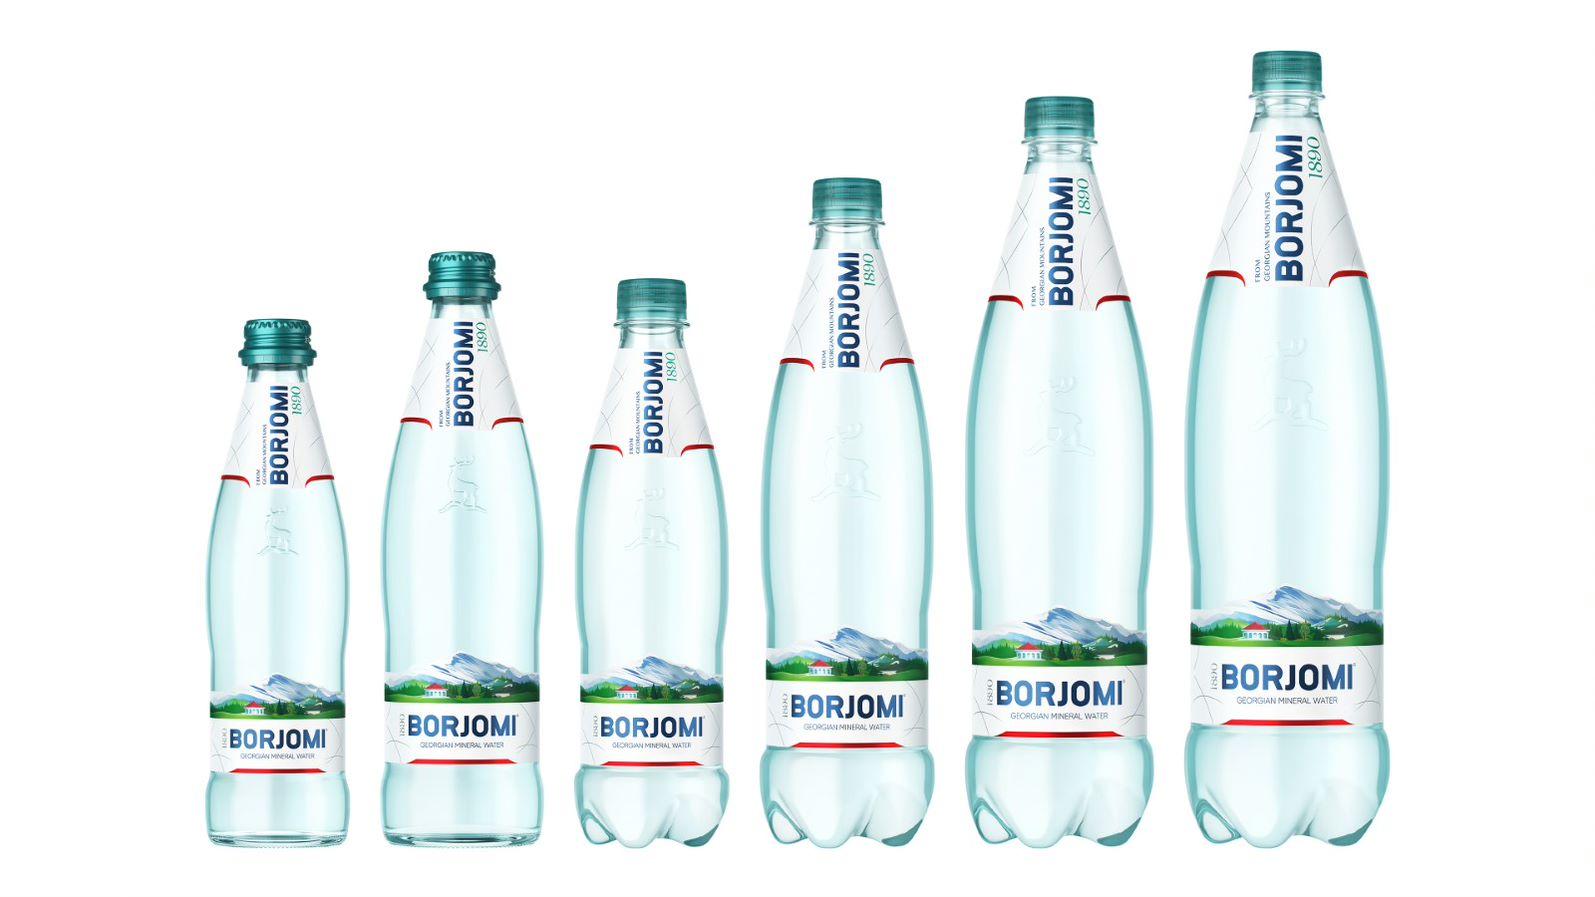 Минеральная вода Borjomi новая упаковка